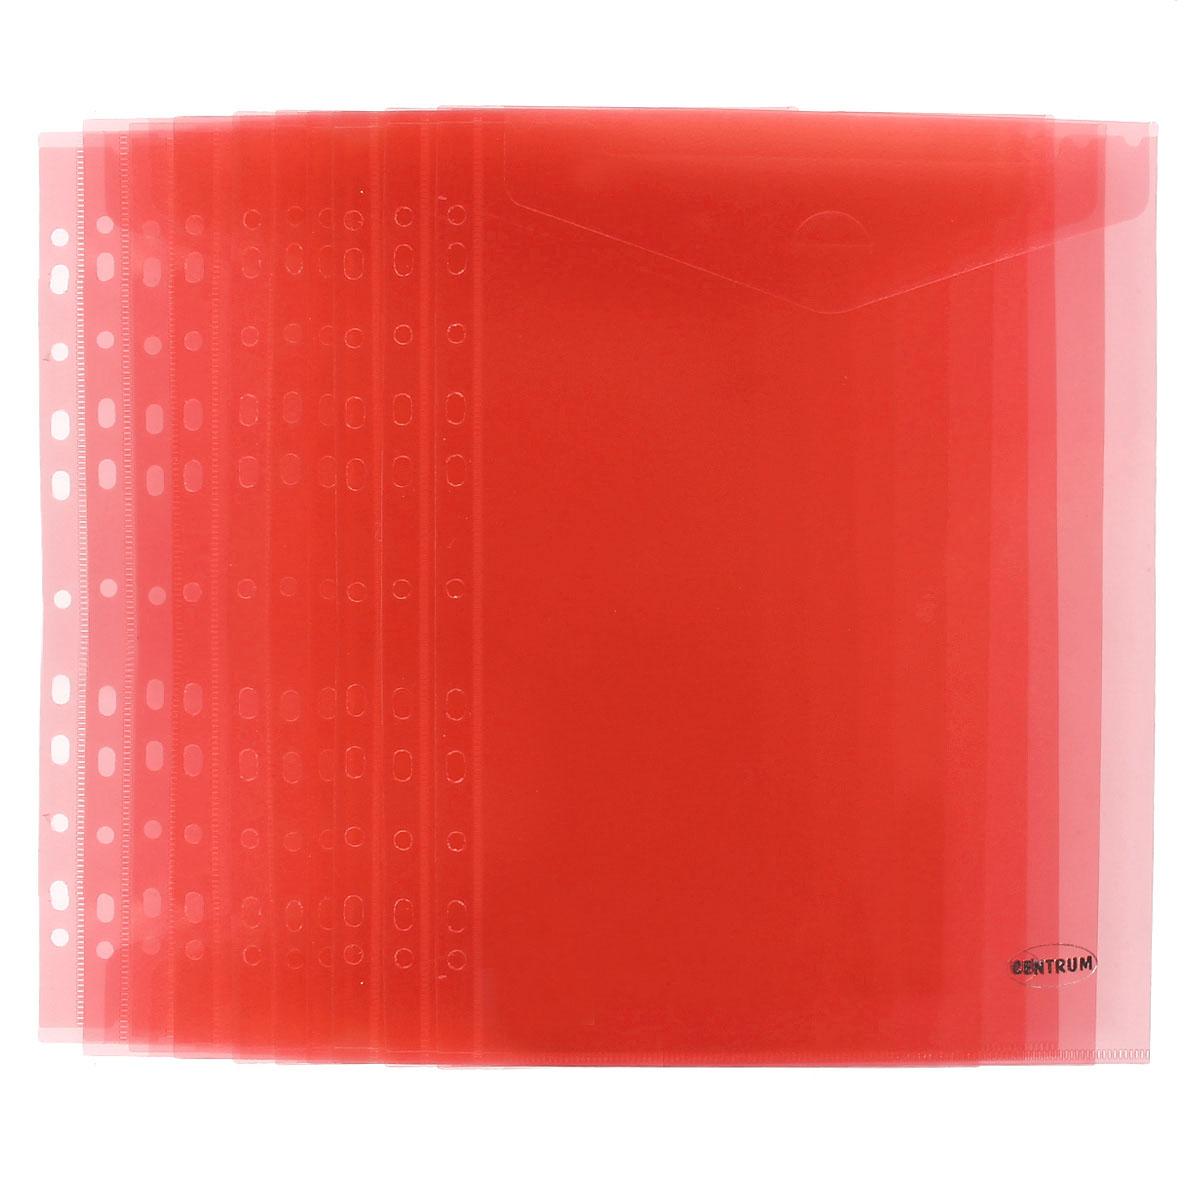 Папка-конверт Centrum, вертикальная, с перфорацией, цвет: красный. Формат А4, 10 шт80630_красныйПапка-конверт Centrum - это удобный и практичный офисный инструмент, предназначенный для хранения и транспортировки рабочих бумаг и документов формата А4. Папка изготовлена из полупрозрачного матового пластика, имеет перфорацию. В комплект входят 10 папок формата А4. Папка-конверт - это незаменимый атрибут для студента, школьника, офисного работника. Такая папка надежно сохранит ваши документы и сбережет их от повреждений, пыли и влаги.